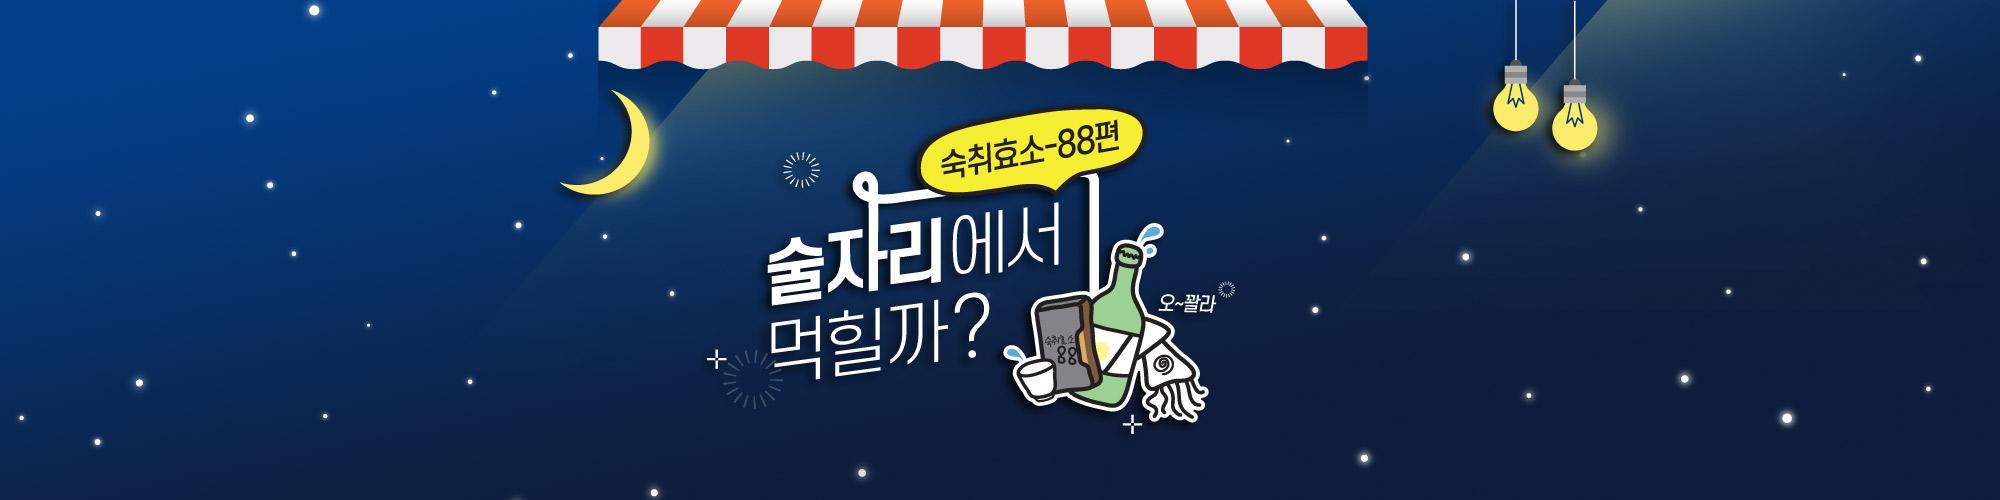 숙취효소-88 기획전